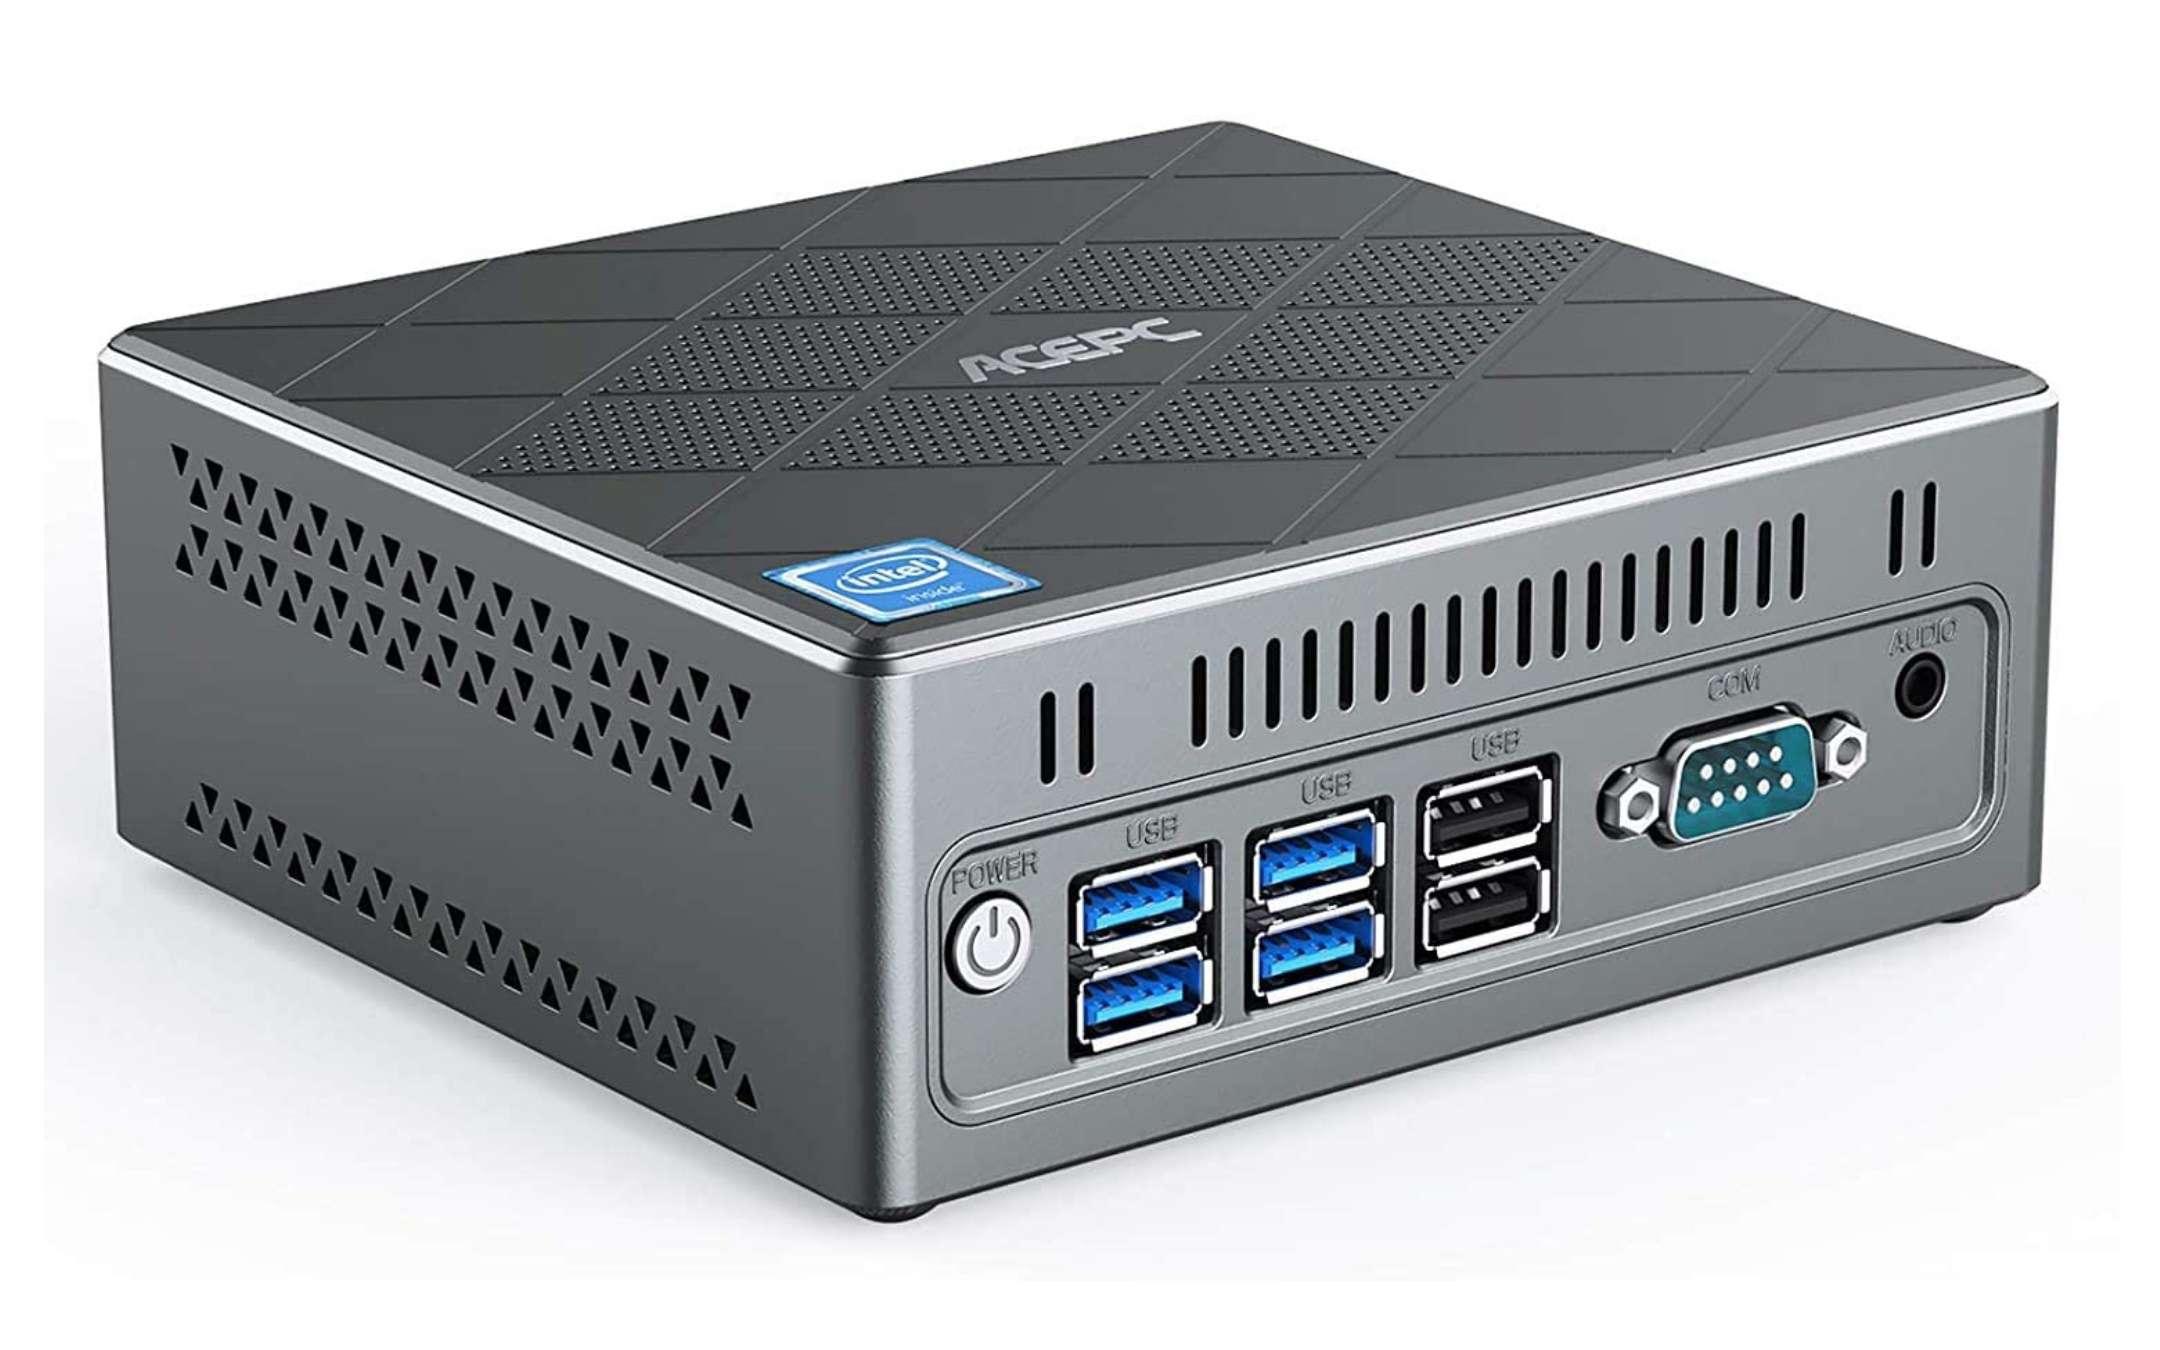 Mini PC ACEPC CK6 - 1